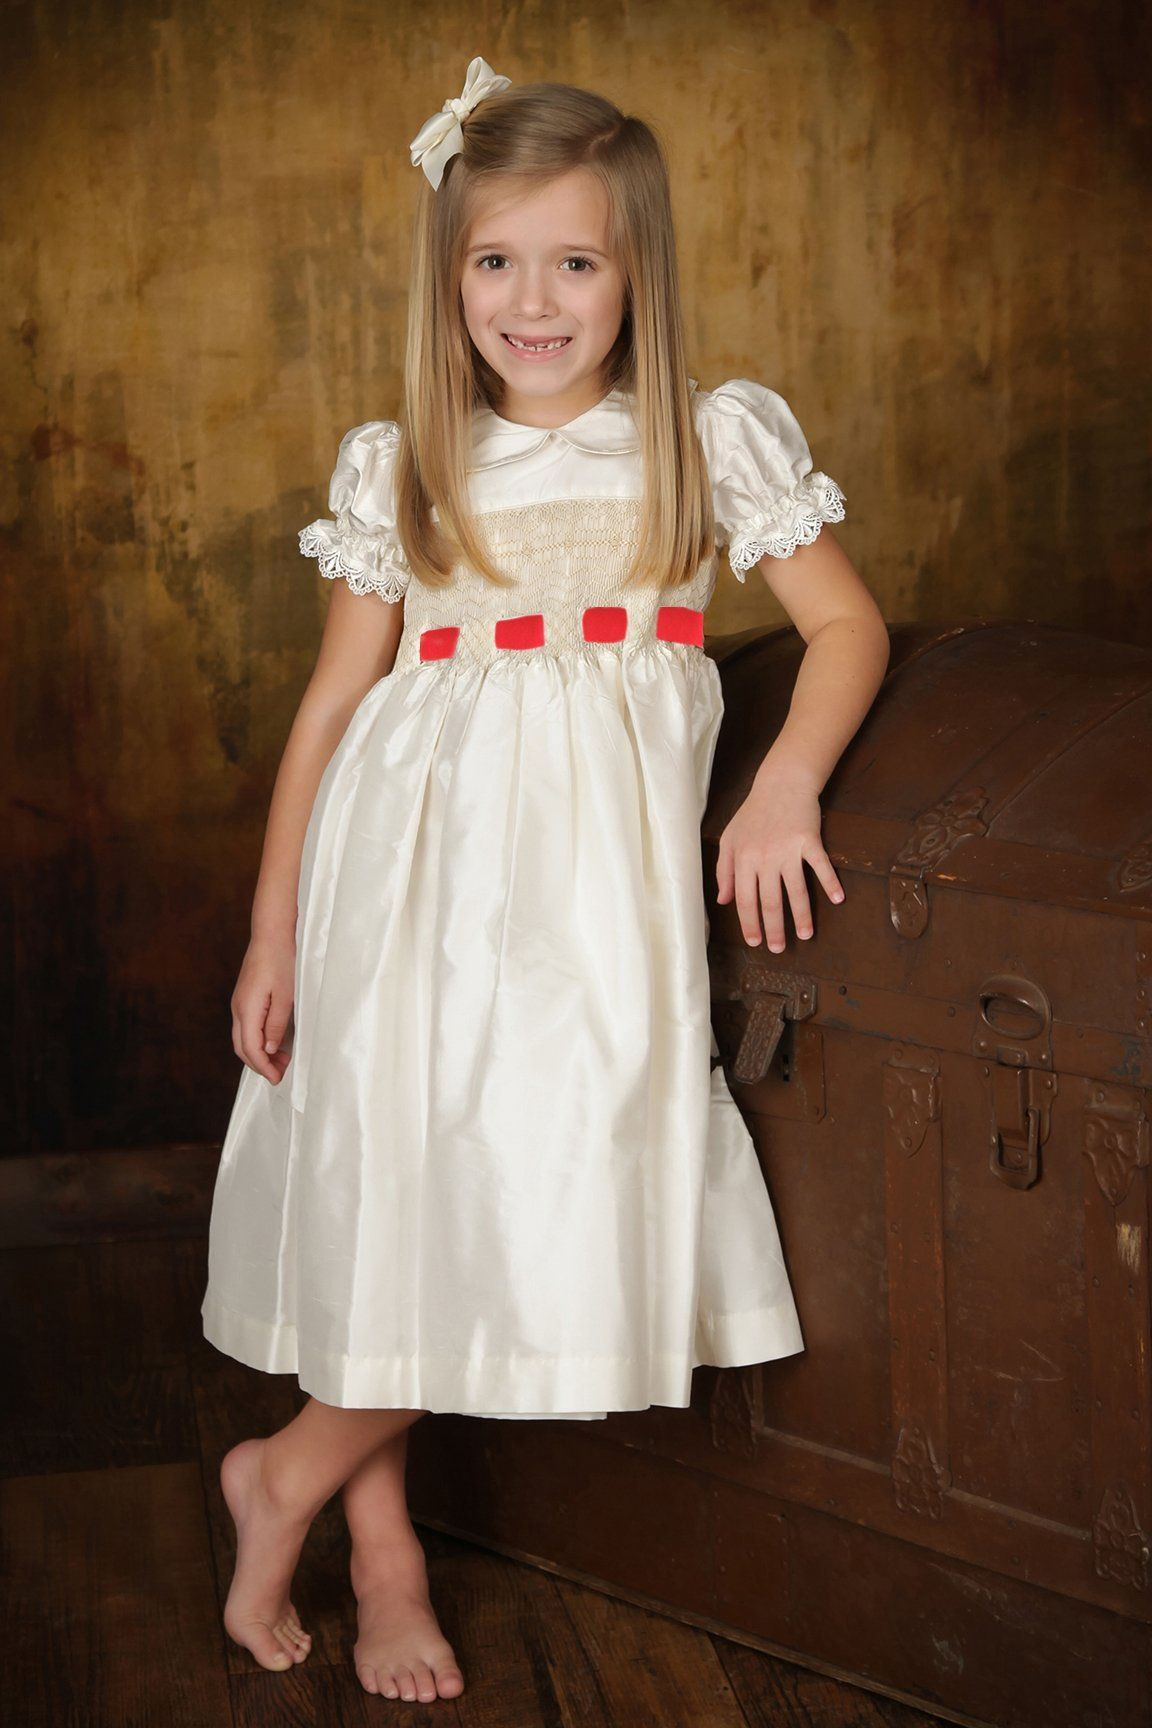 e9cbb04e Strasburg Children™ Heirloom Dresses for Little Girl Special Occasions.  Marybella - Formal Christmas Dress